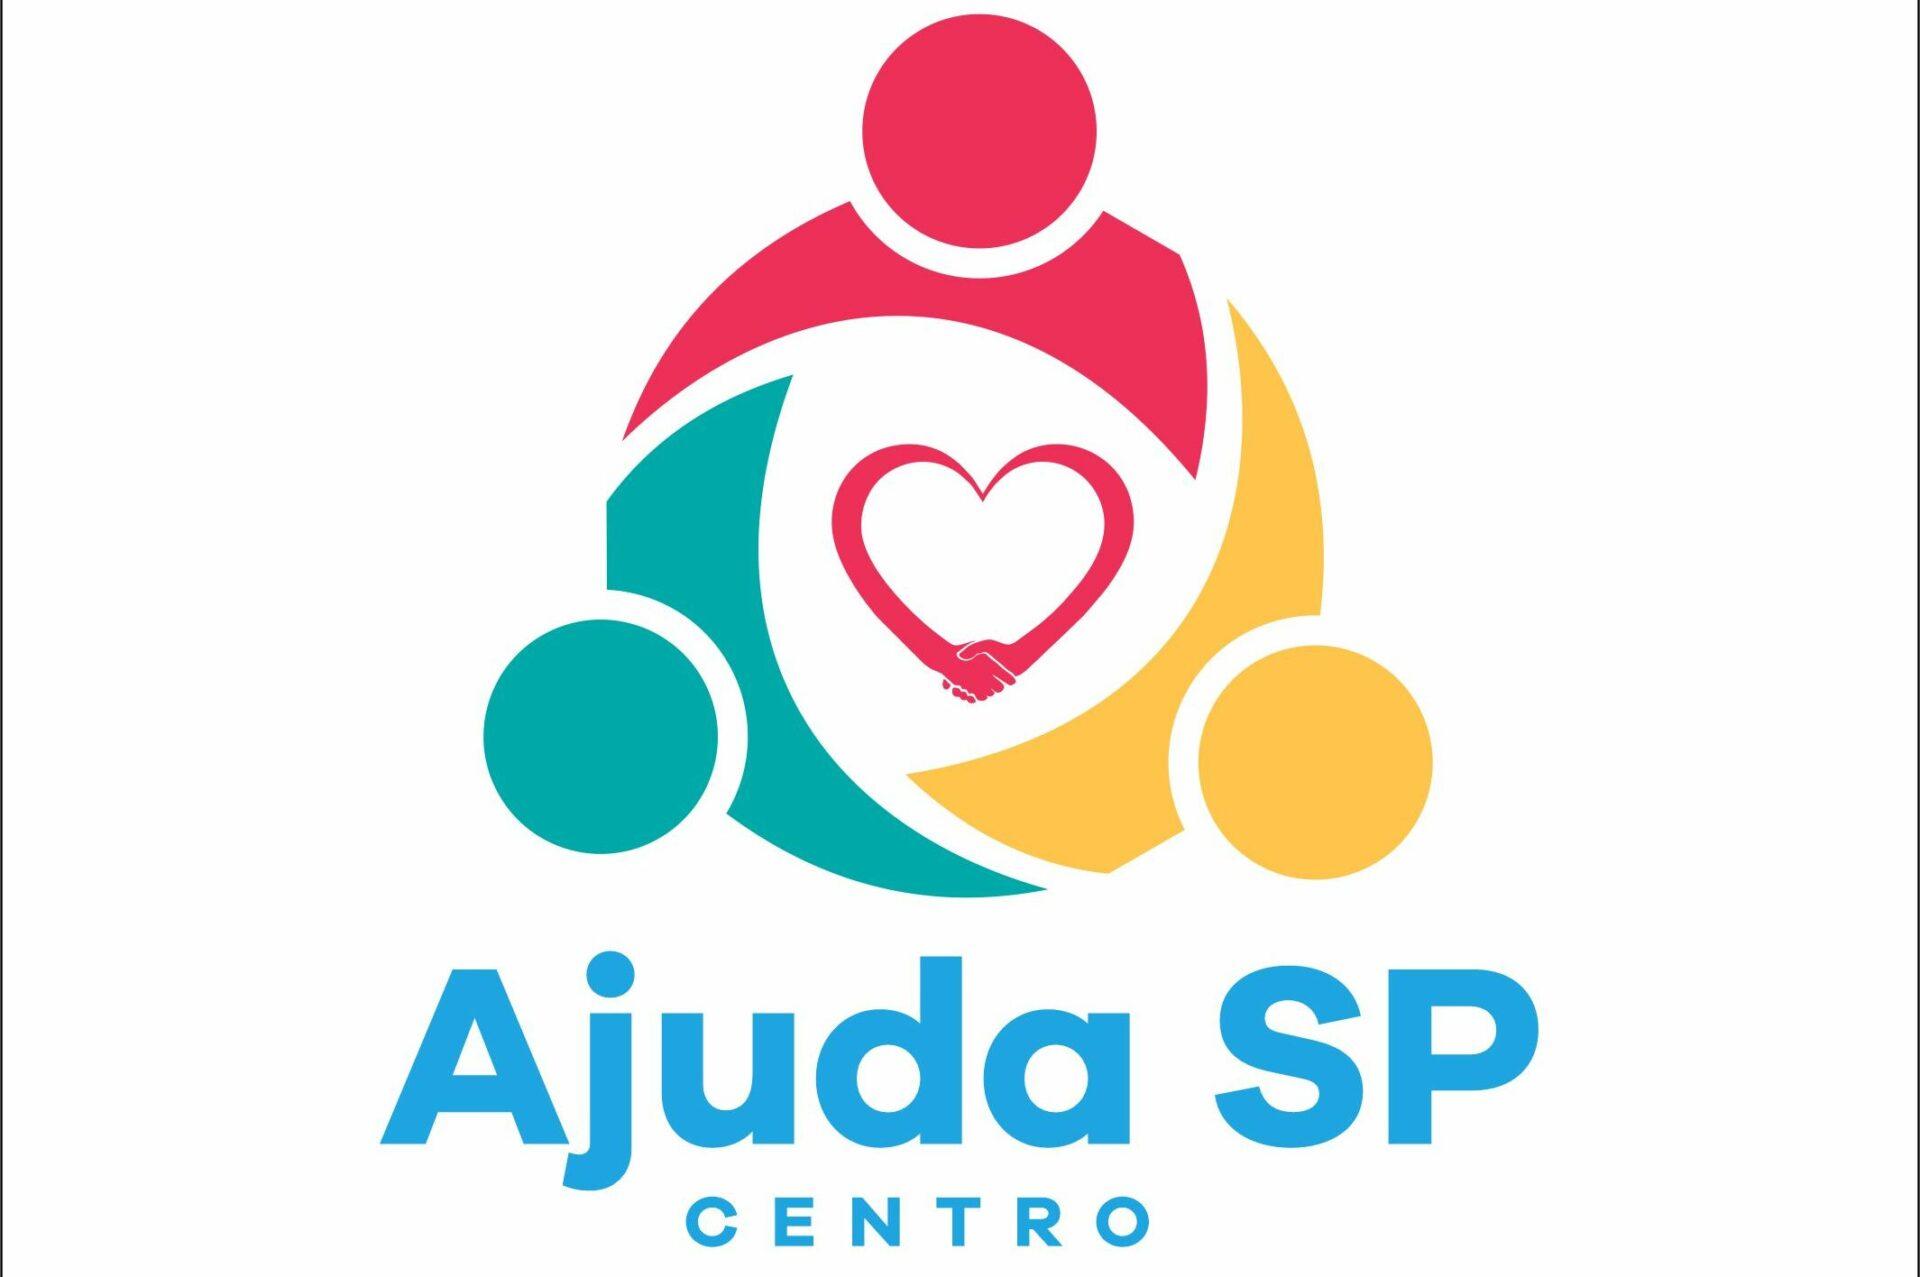 AjudaSP Centro - Juntos por uma São Paulo melhor. Denuncie, exerça sua cidadania.